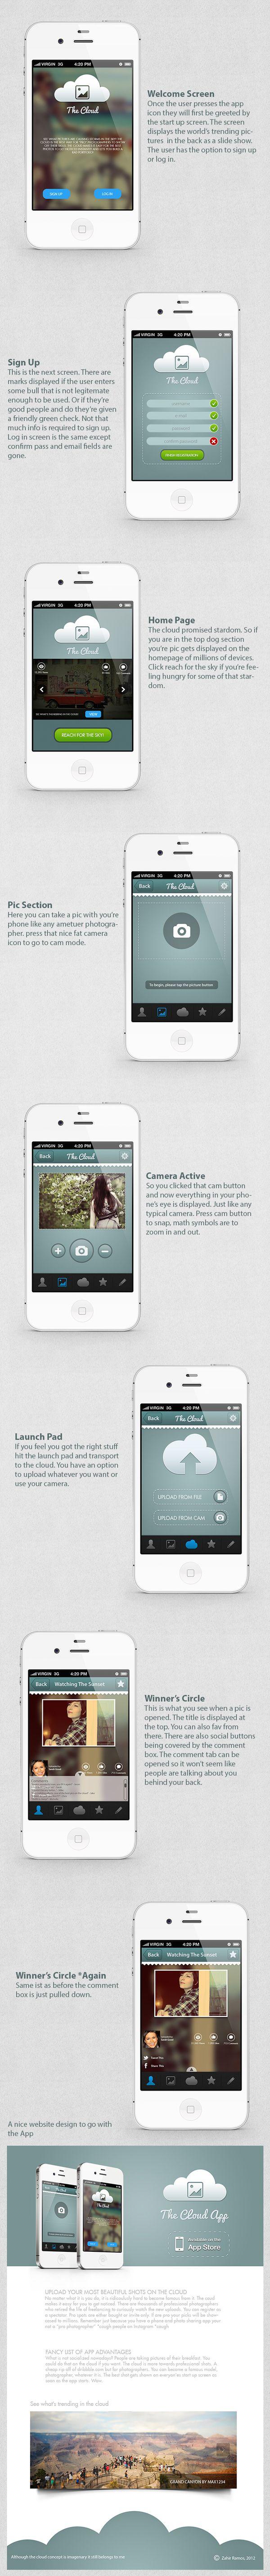 The Cloud Photo #App - iOS by Zahir Ramos, via #Behance #Mobile